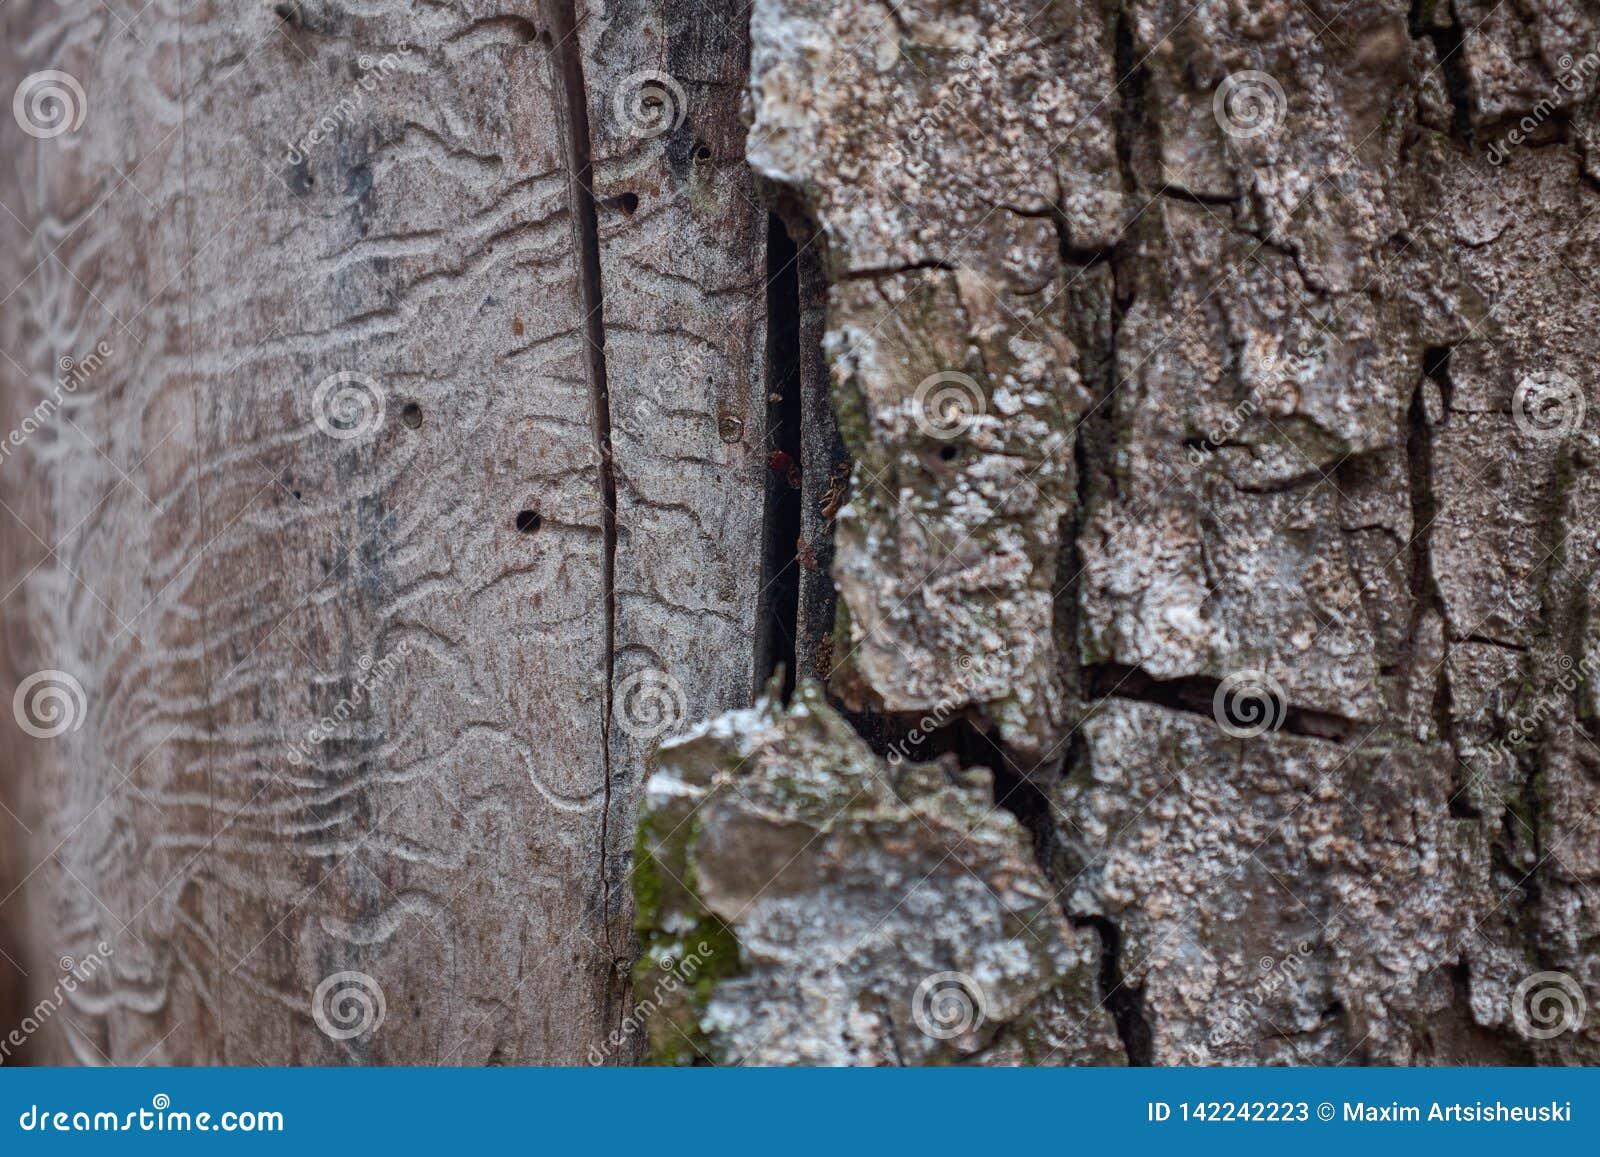 Textura de la corteza de árbol en un árbol de abedul